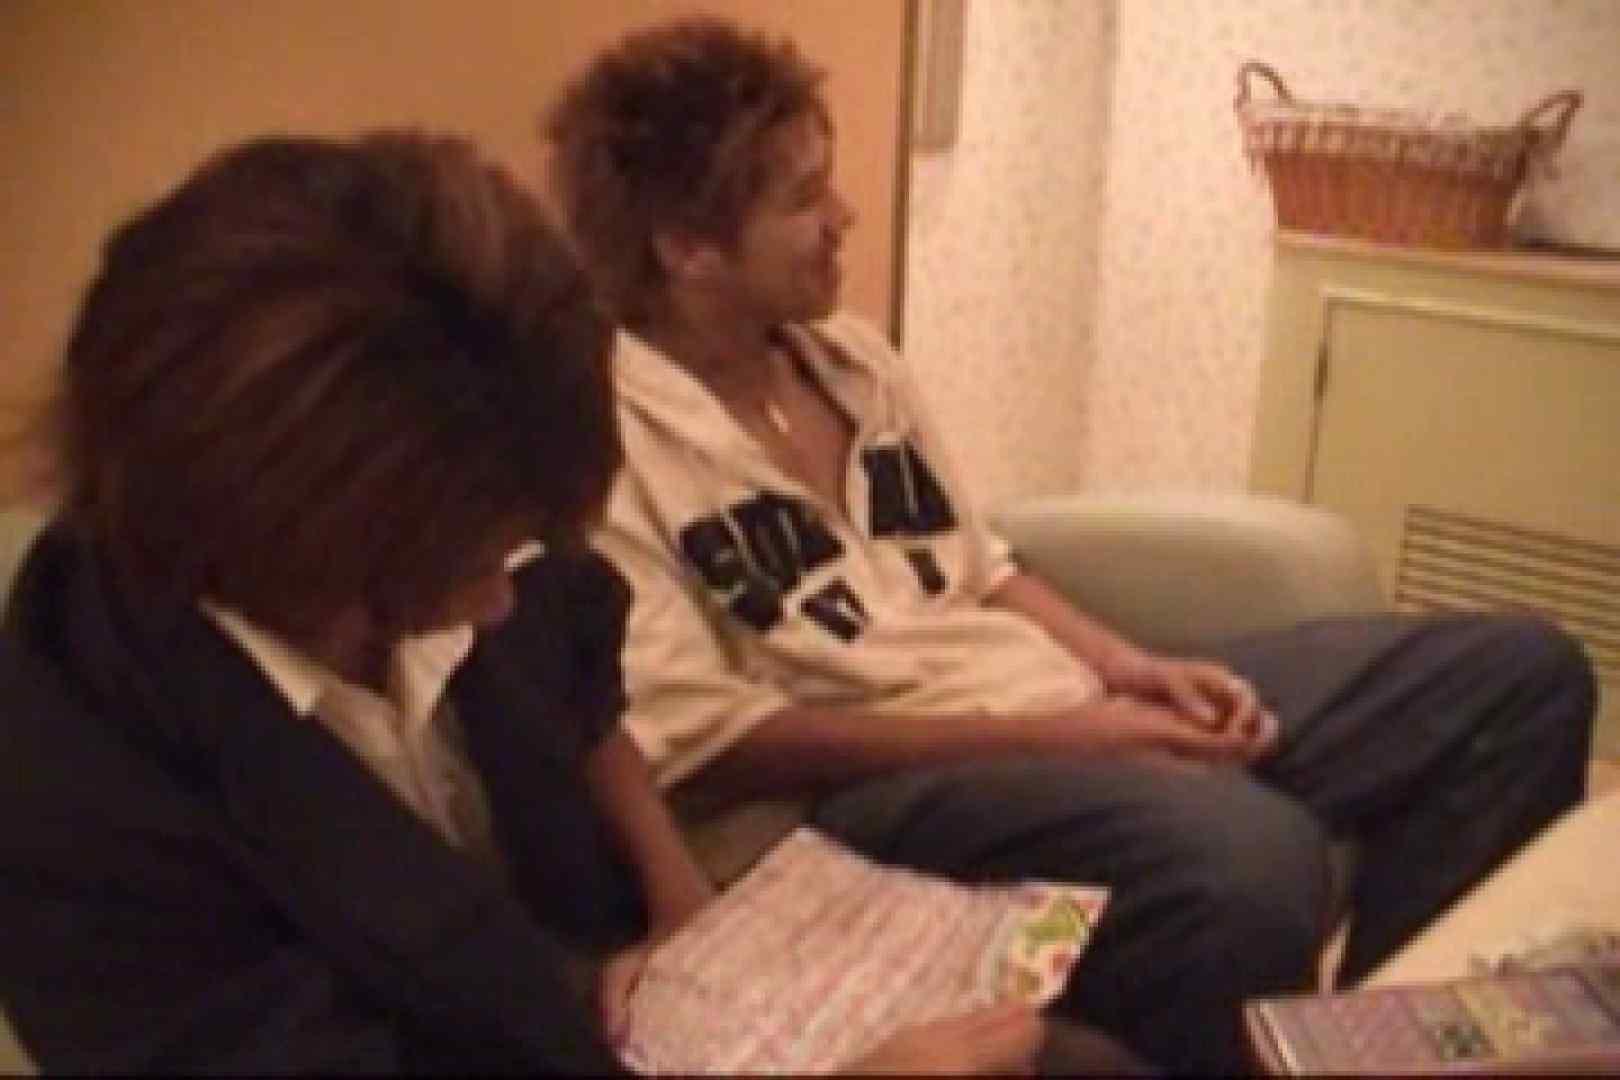 【流出】ジャニ系イケメン!!フライング&アナルが痛くて出来ません!! イケメンズ ゲイAV画像 83枚 68